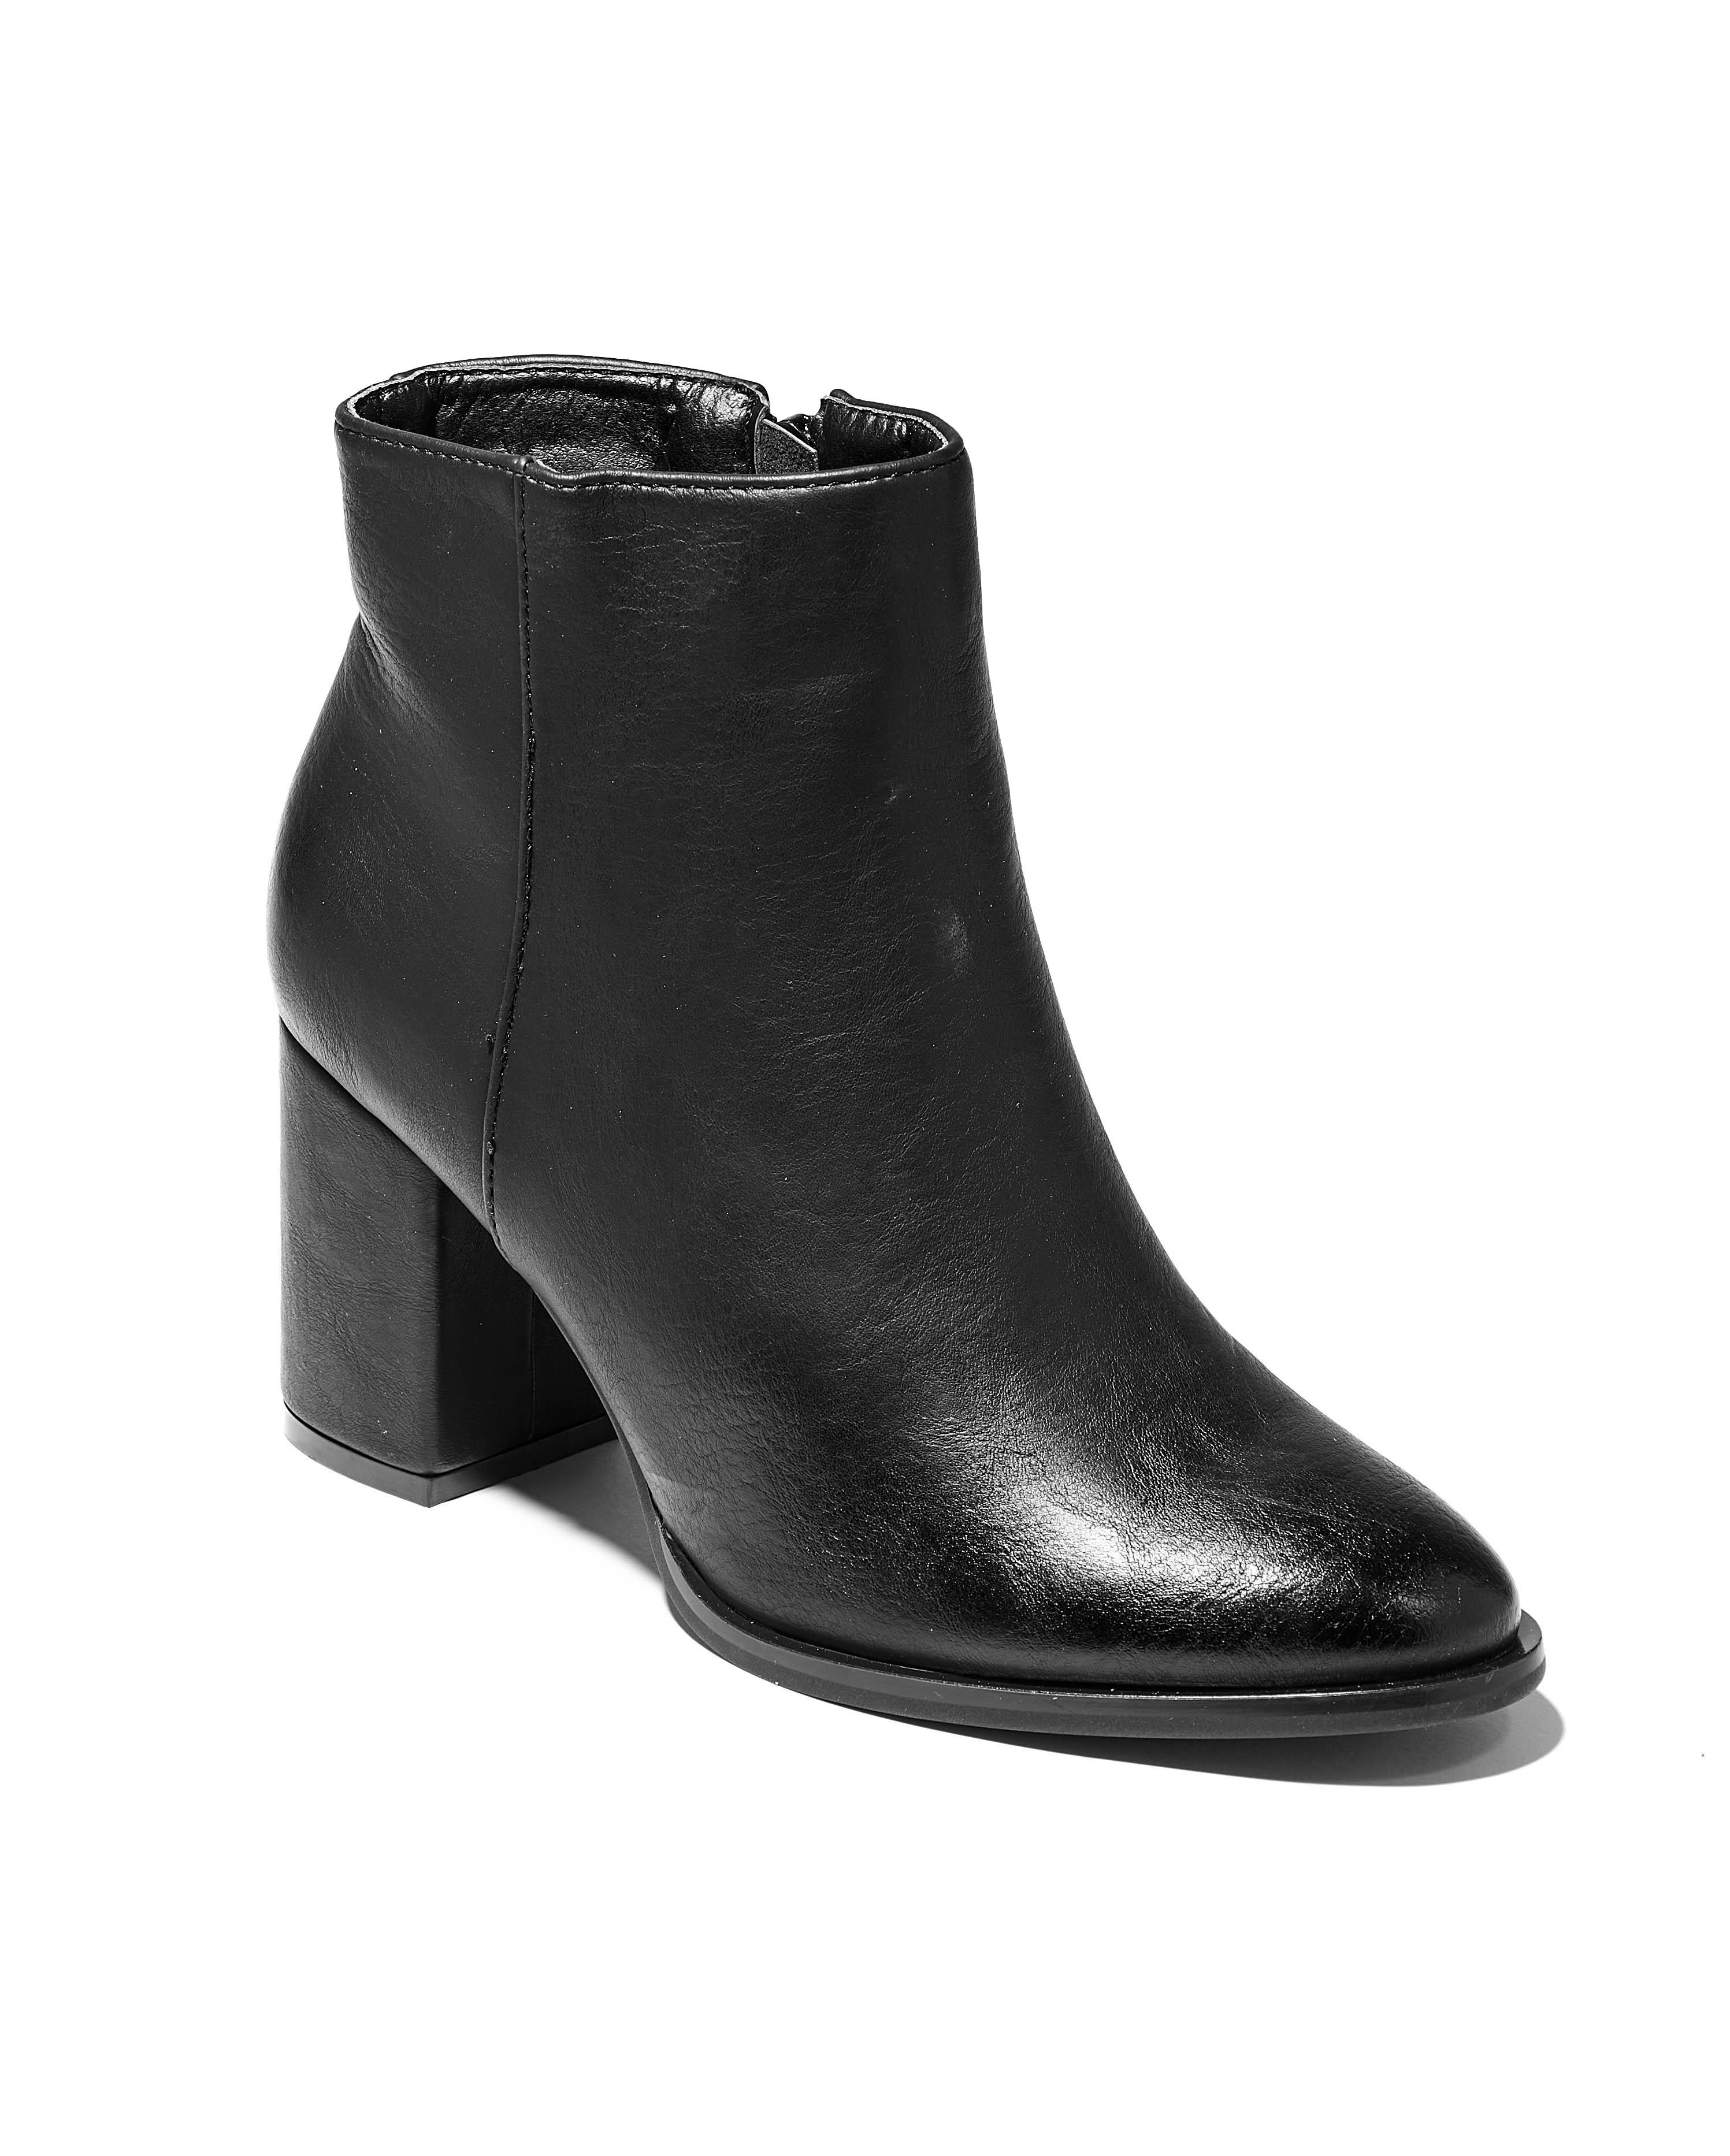 Boots Femme - Boots Noir Jina - 1903